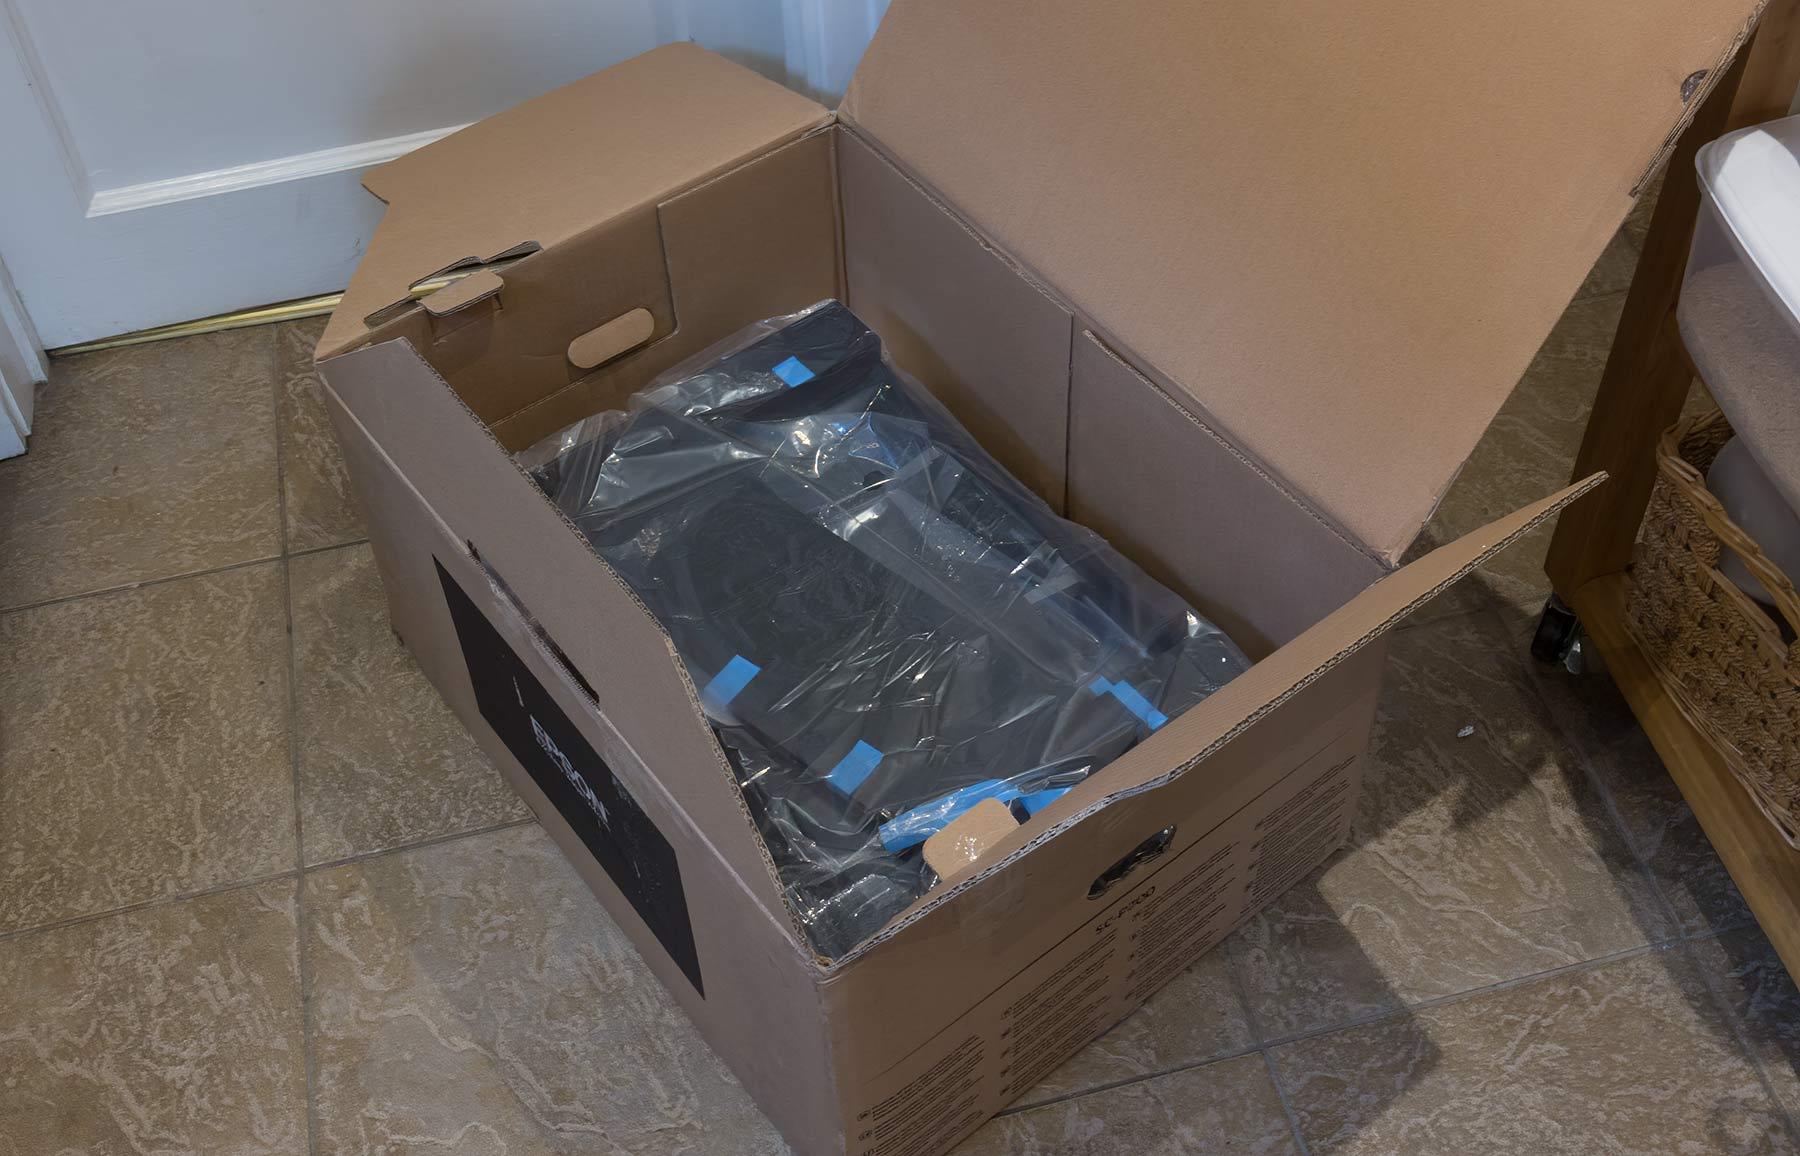 printer-in-box